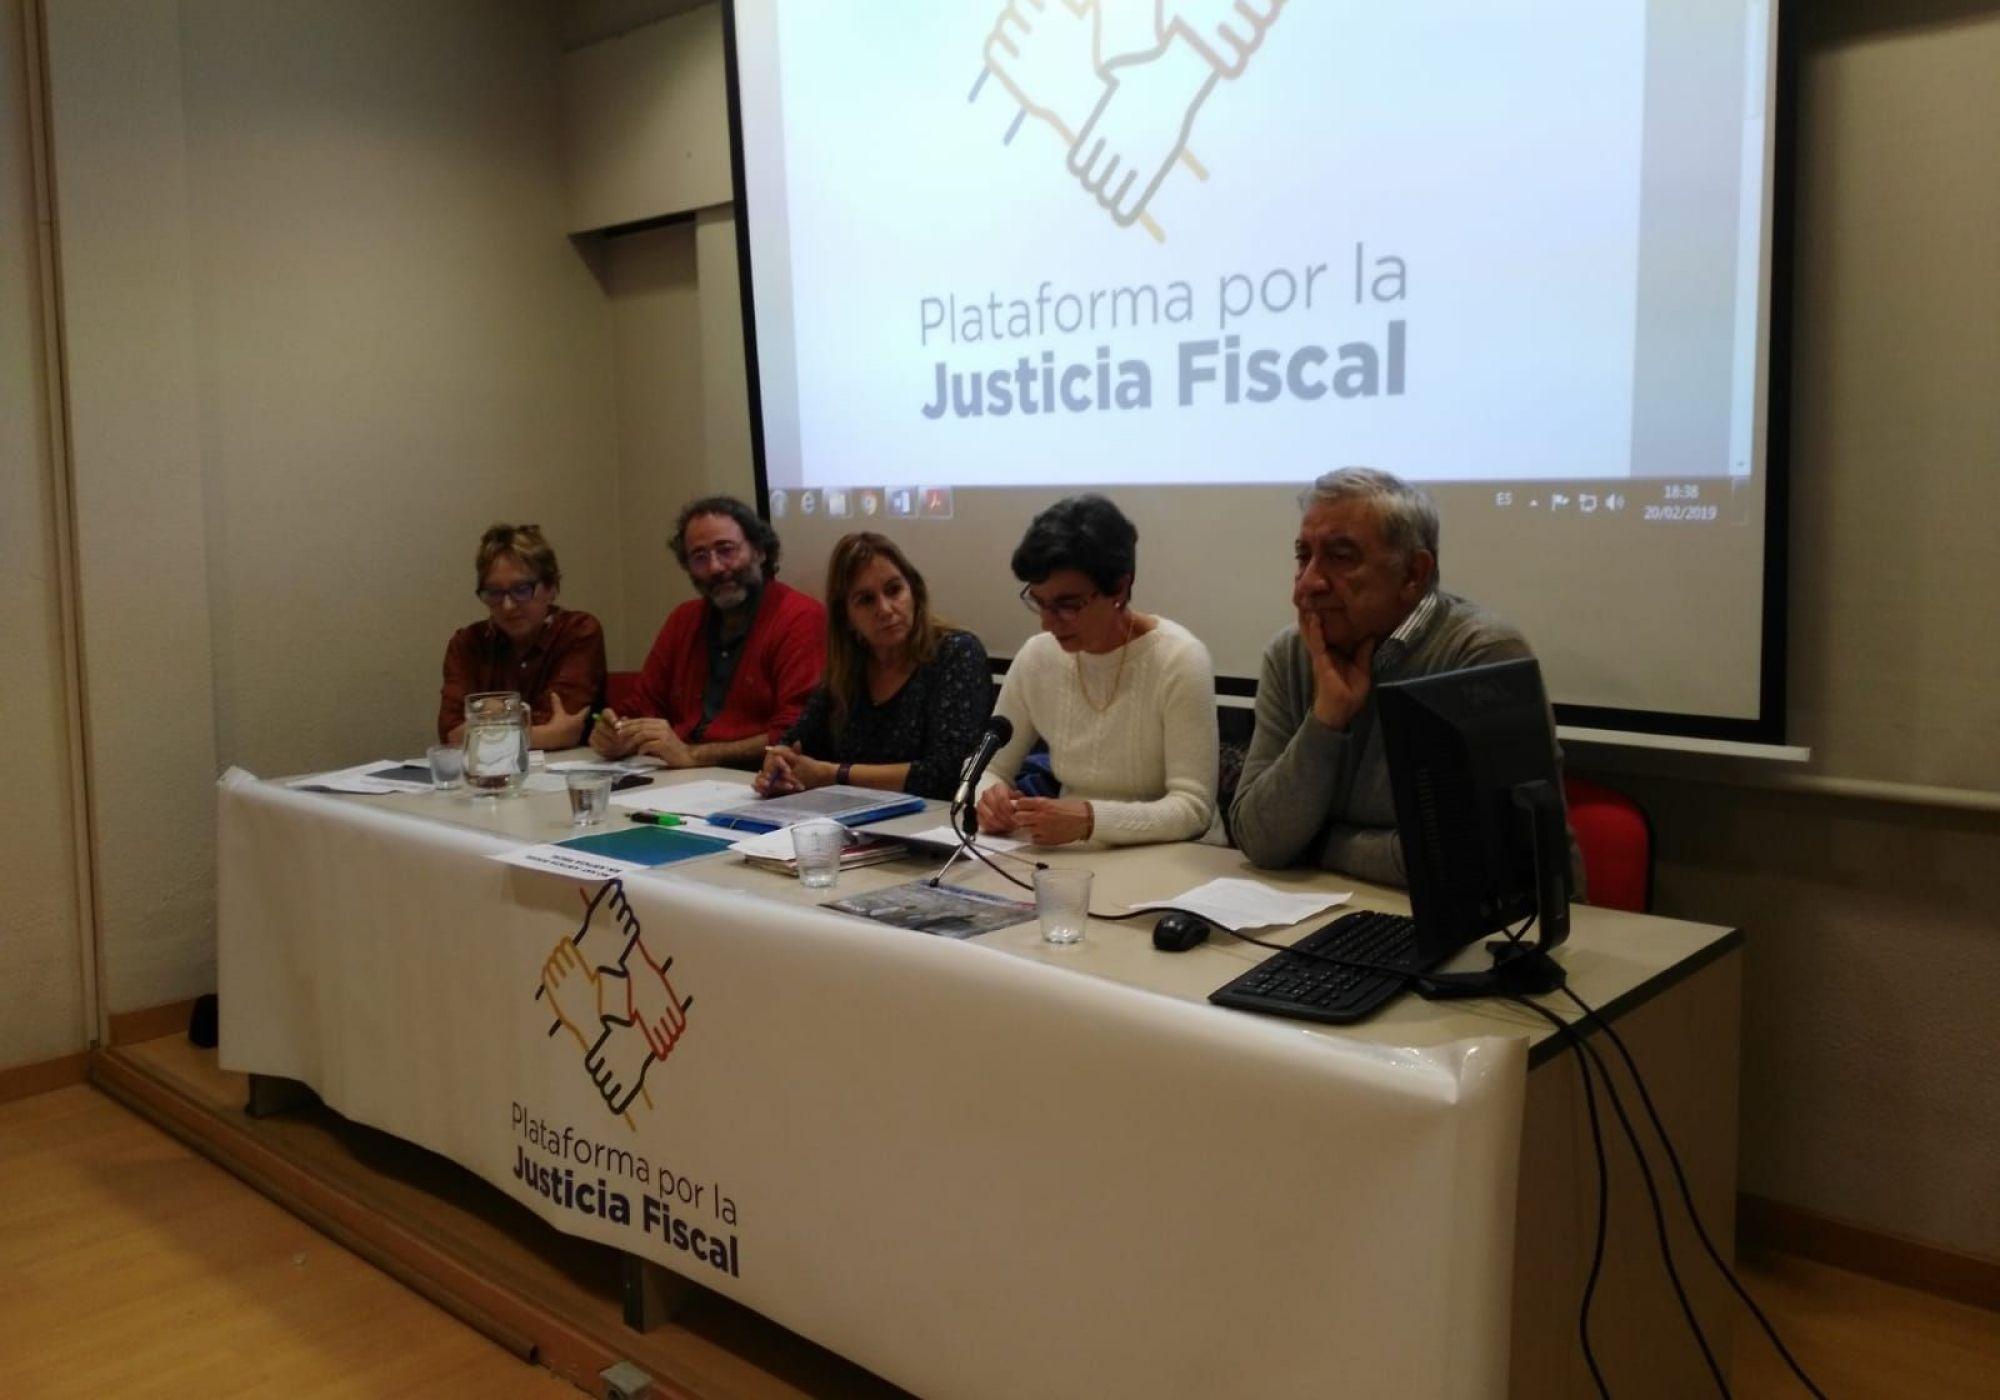 Propuestas de la Plataforma por la Justicia Fiscal ante las próximas elecciones locales